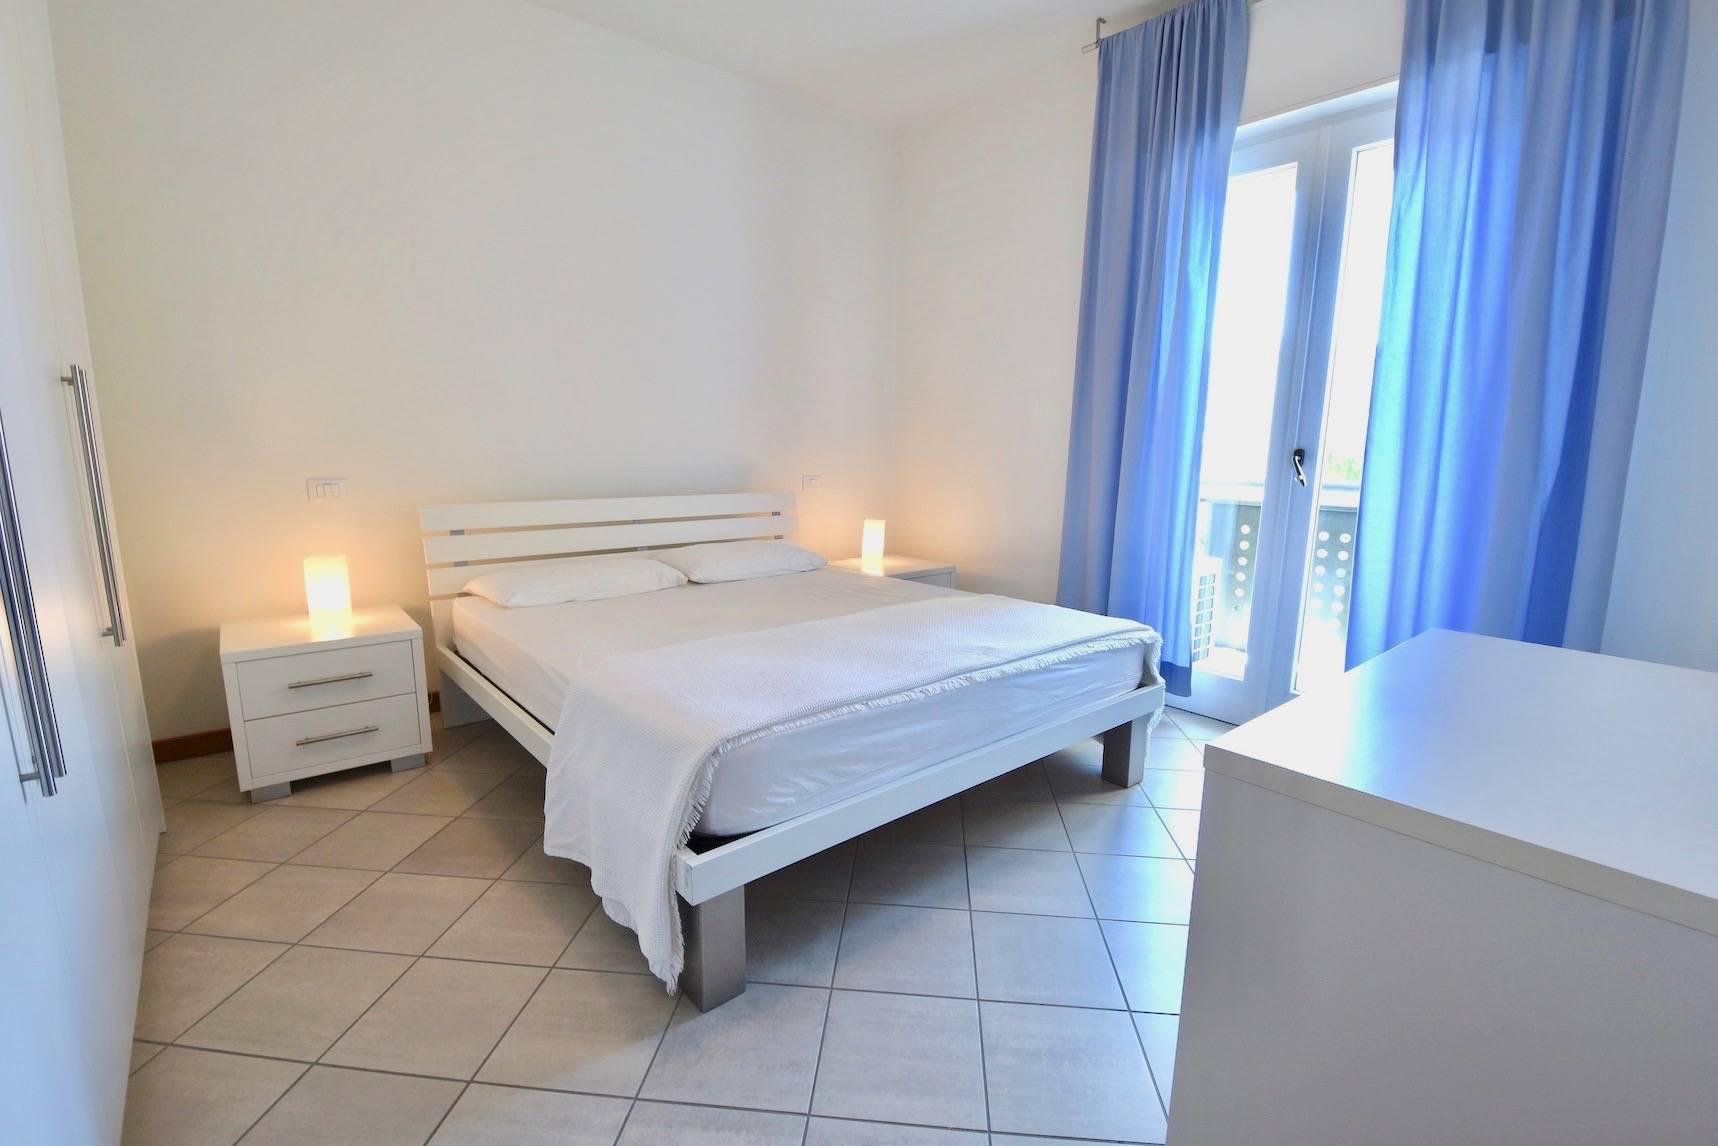 camera-da-letto-appartamento-jesolo-944492963.jpeg